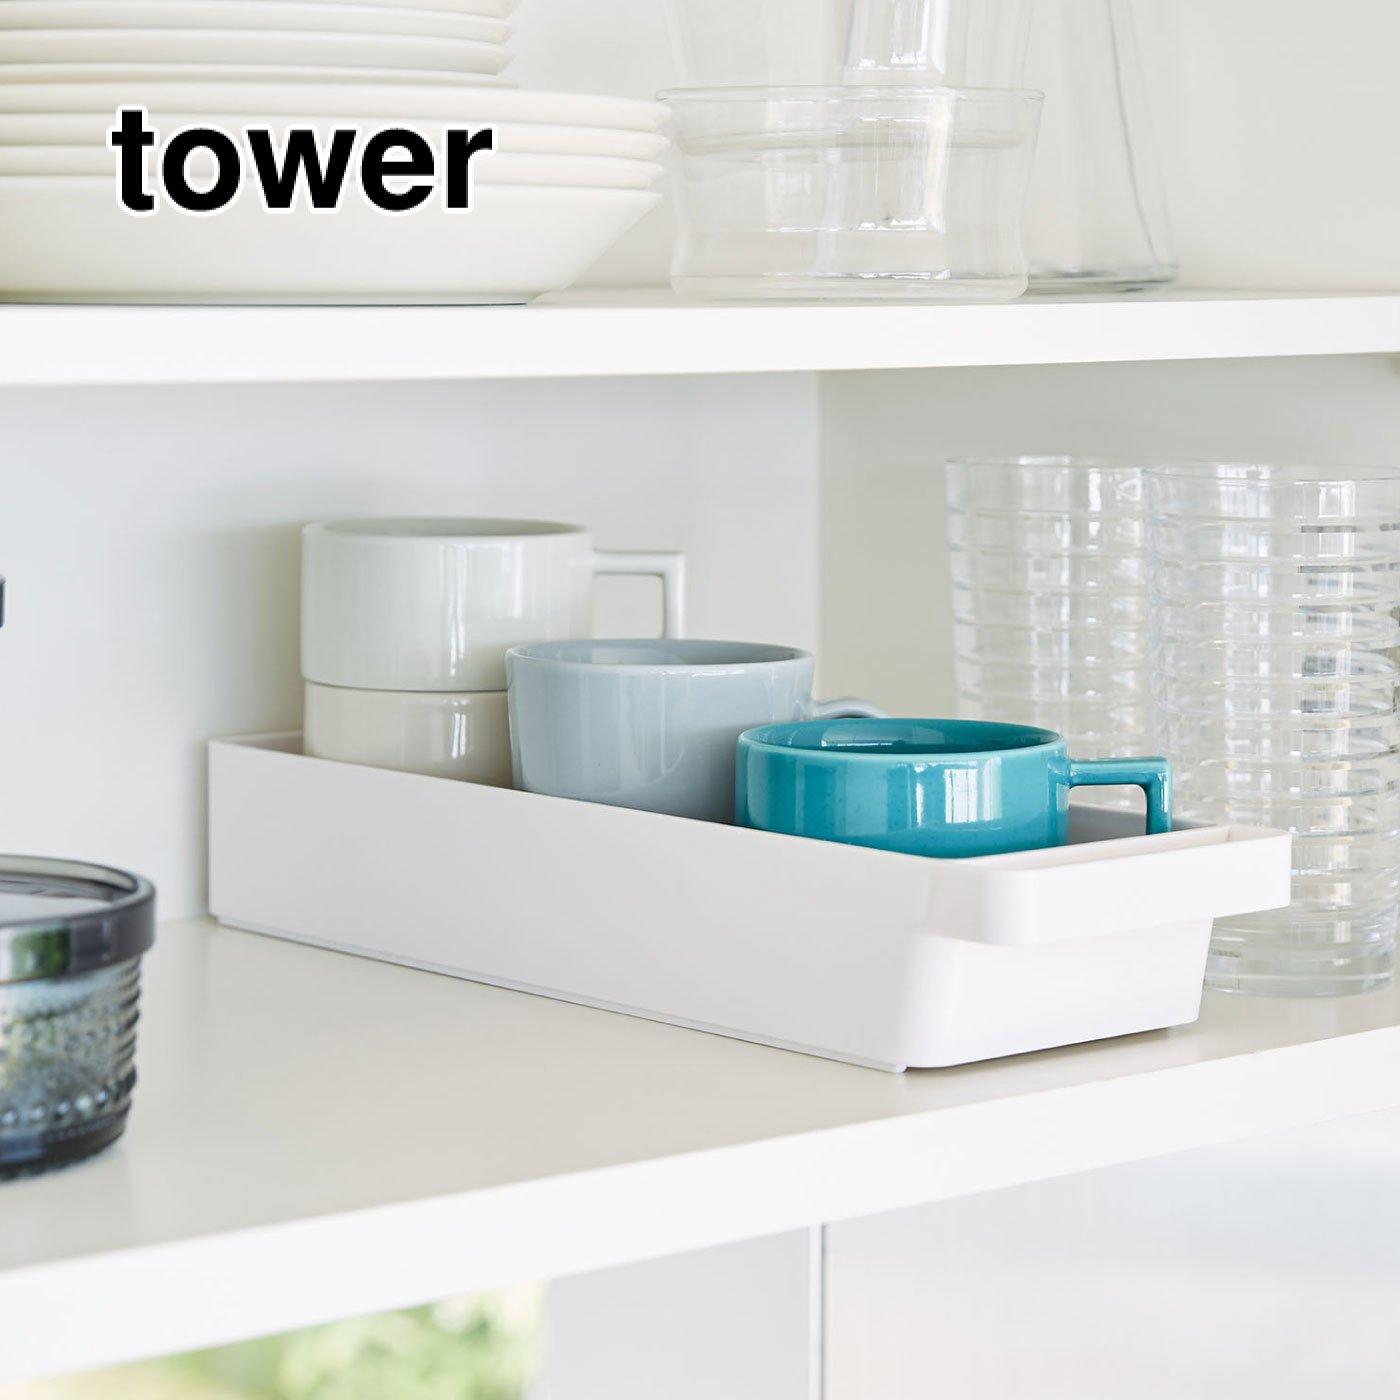 tower ハンドル付きスリムグラス&マグ収納